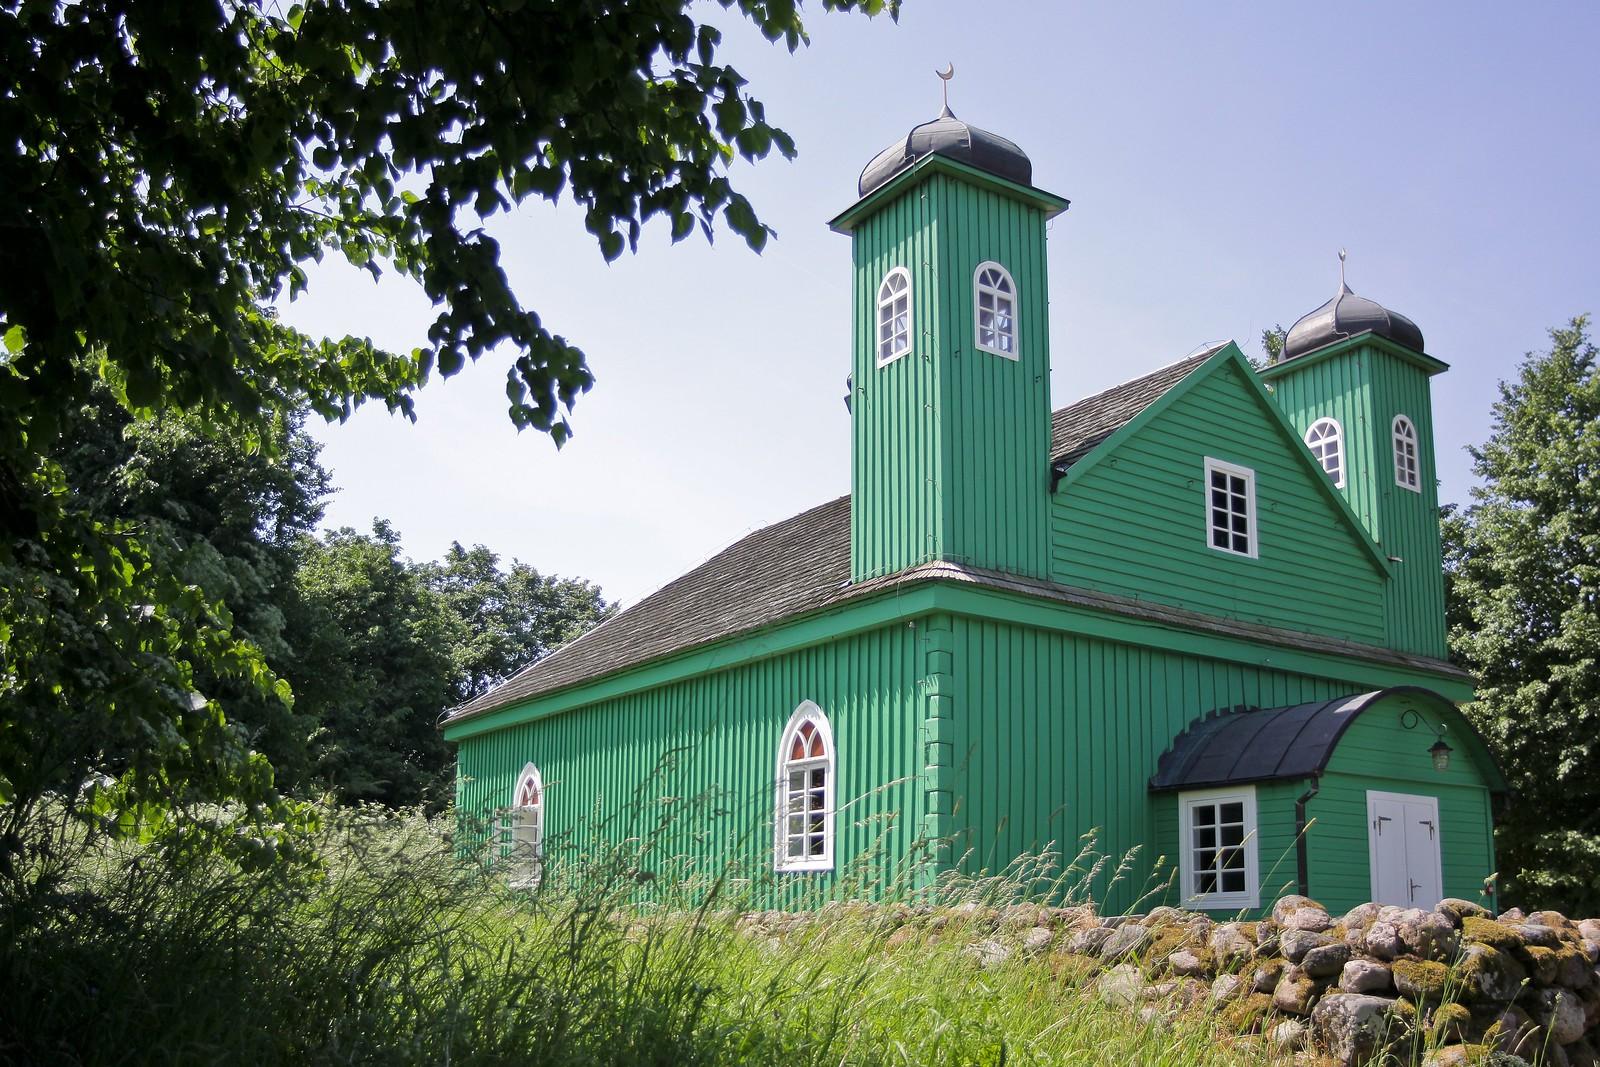 Tatarski szlak / Tatar trail